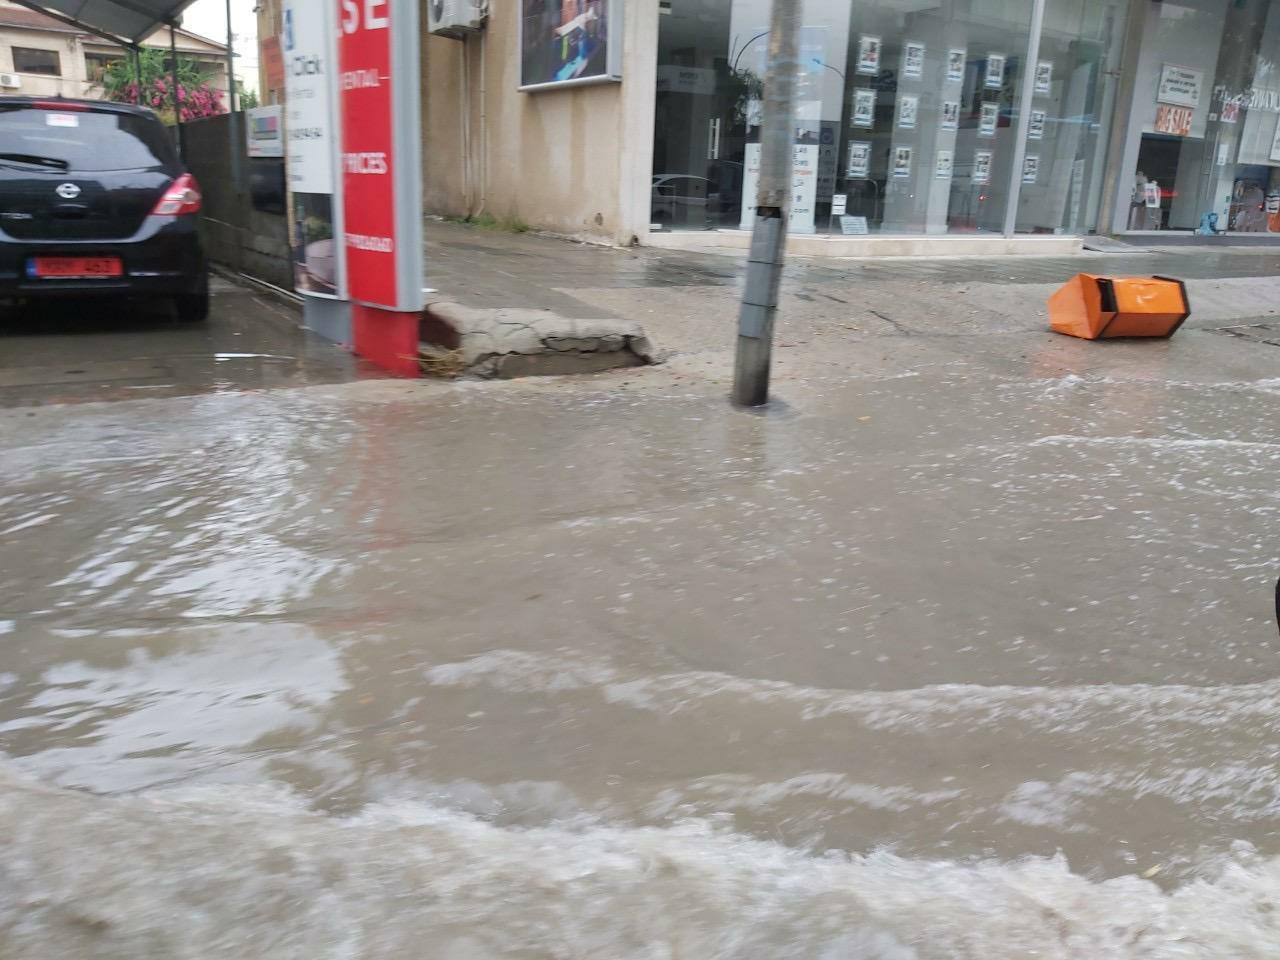 Κλειστοί δρόμοι στην Λάρνακα από τις βροχές (ΦΩΤΟ)